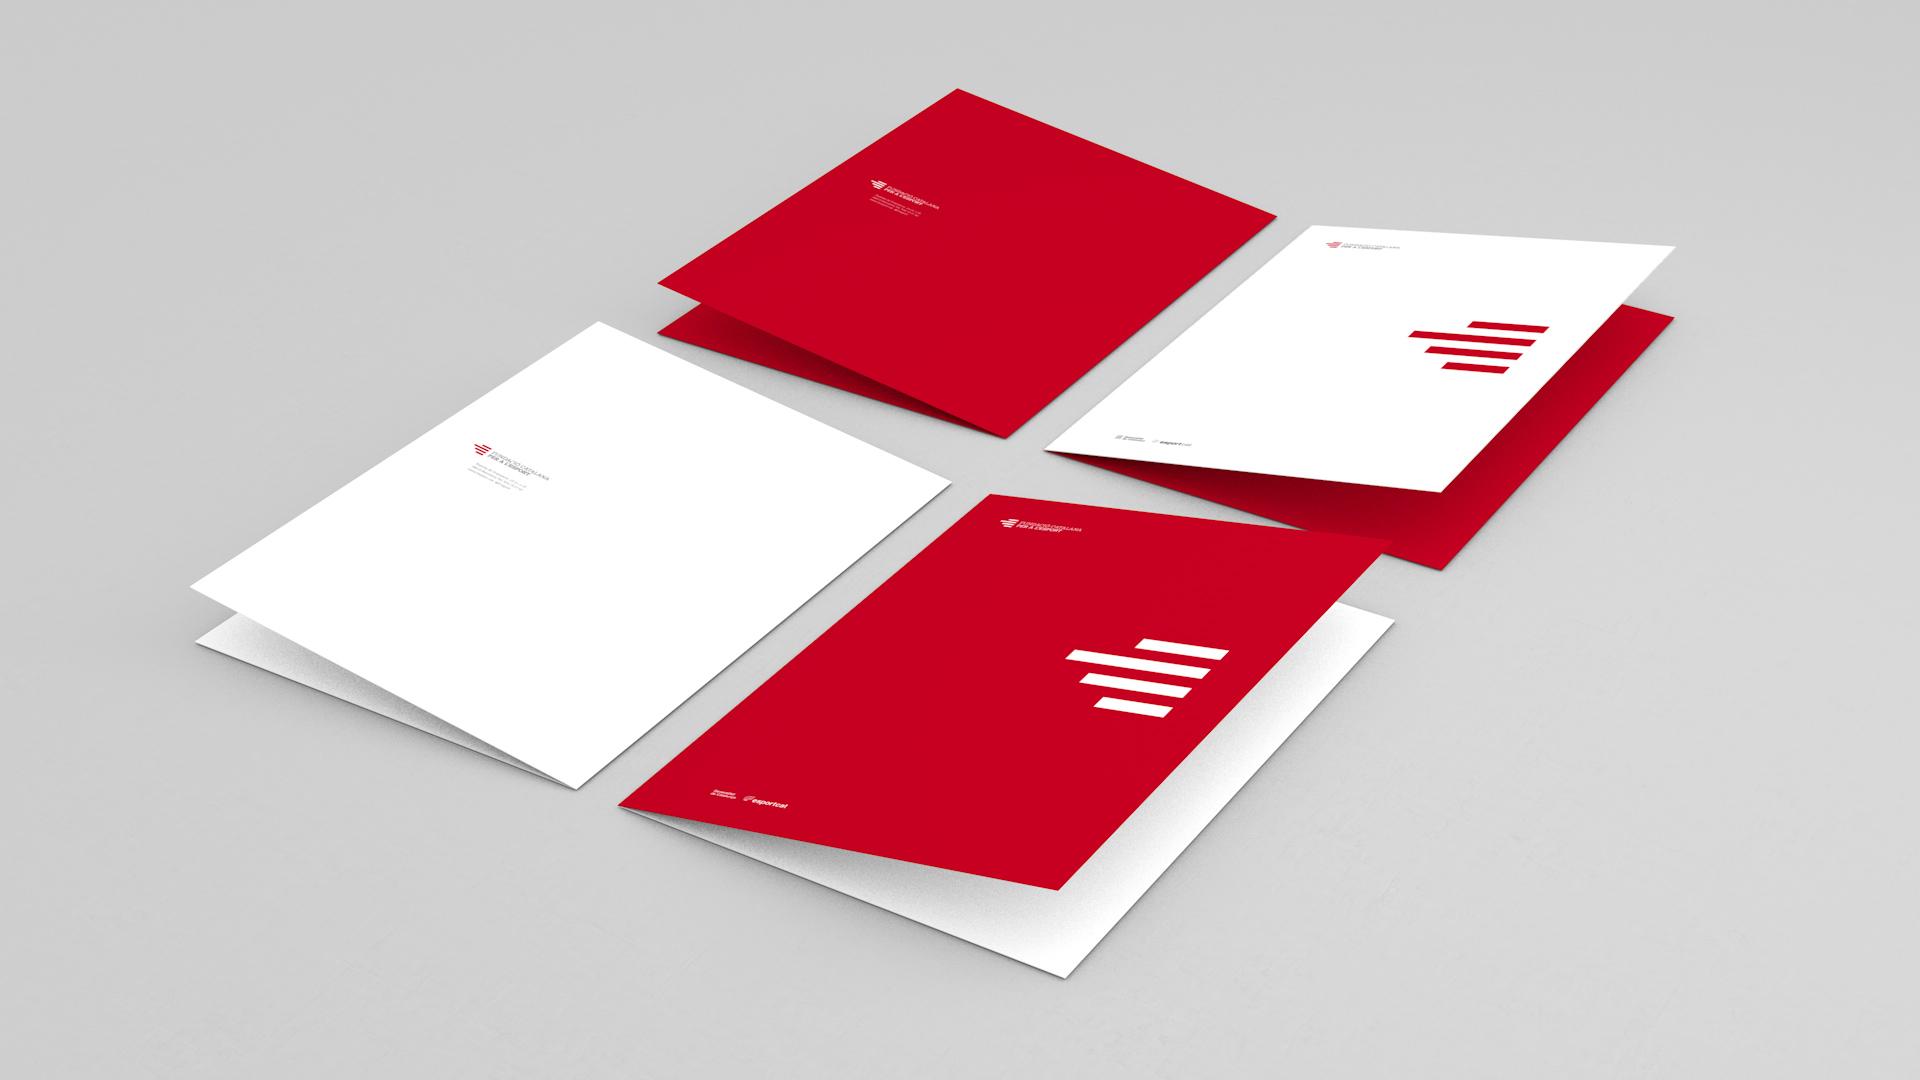 Diseño marca e identidad corporativa Fundació Catalana per a l'Esport - Carpetas